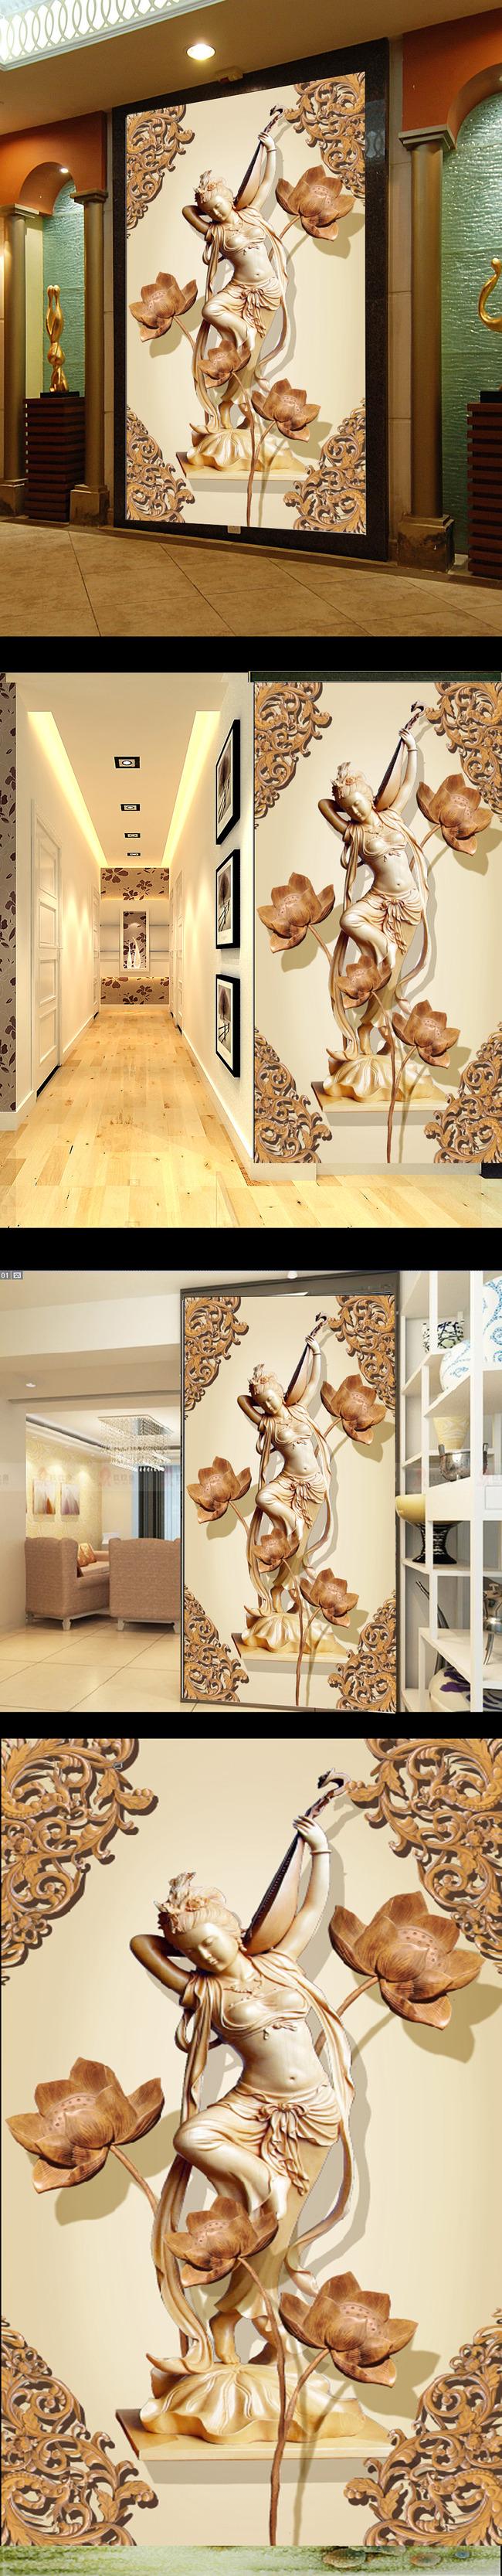 客厅木雕荷花美女玄关背景墙图片